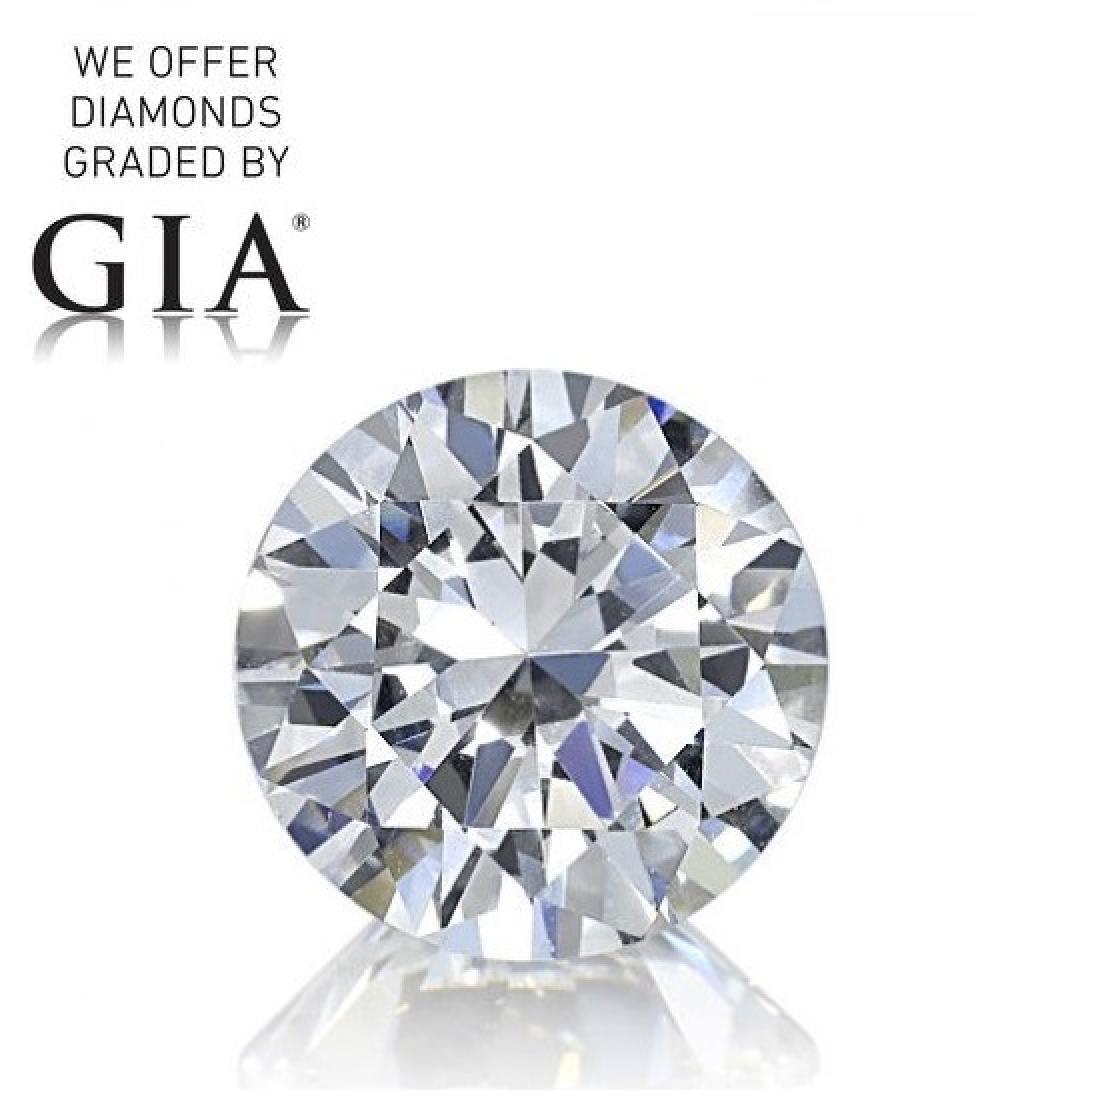 2.01 ct, Color H/VVS2, Round cut Diamond